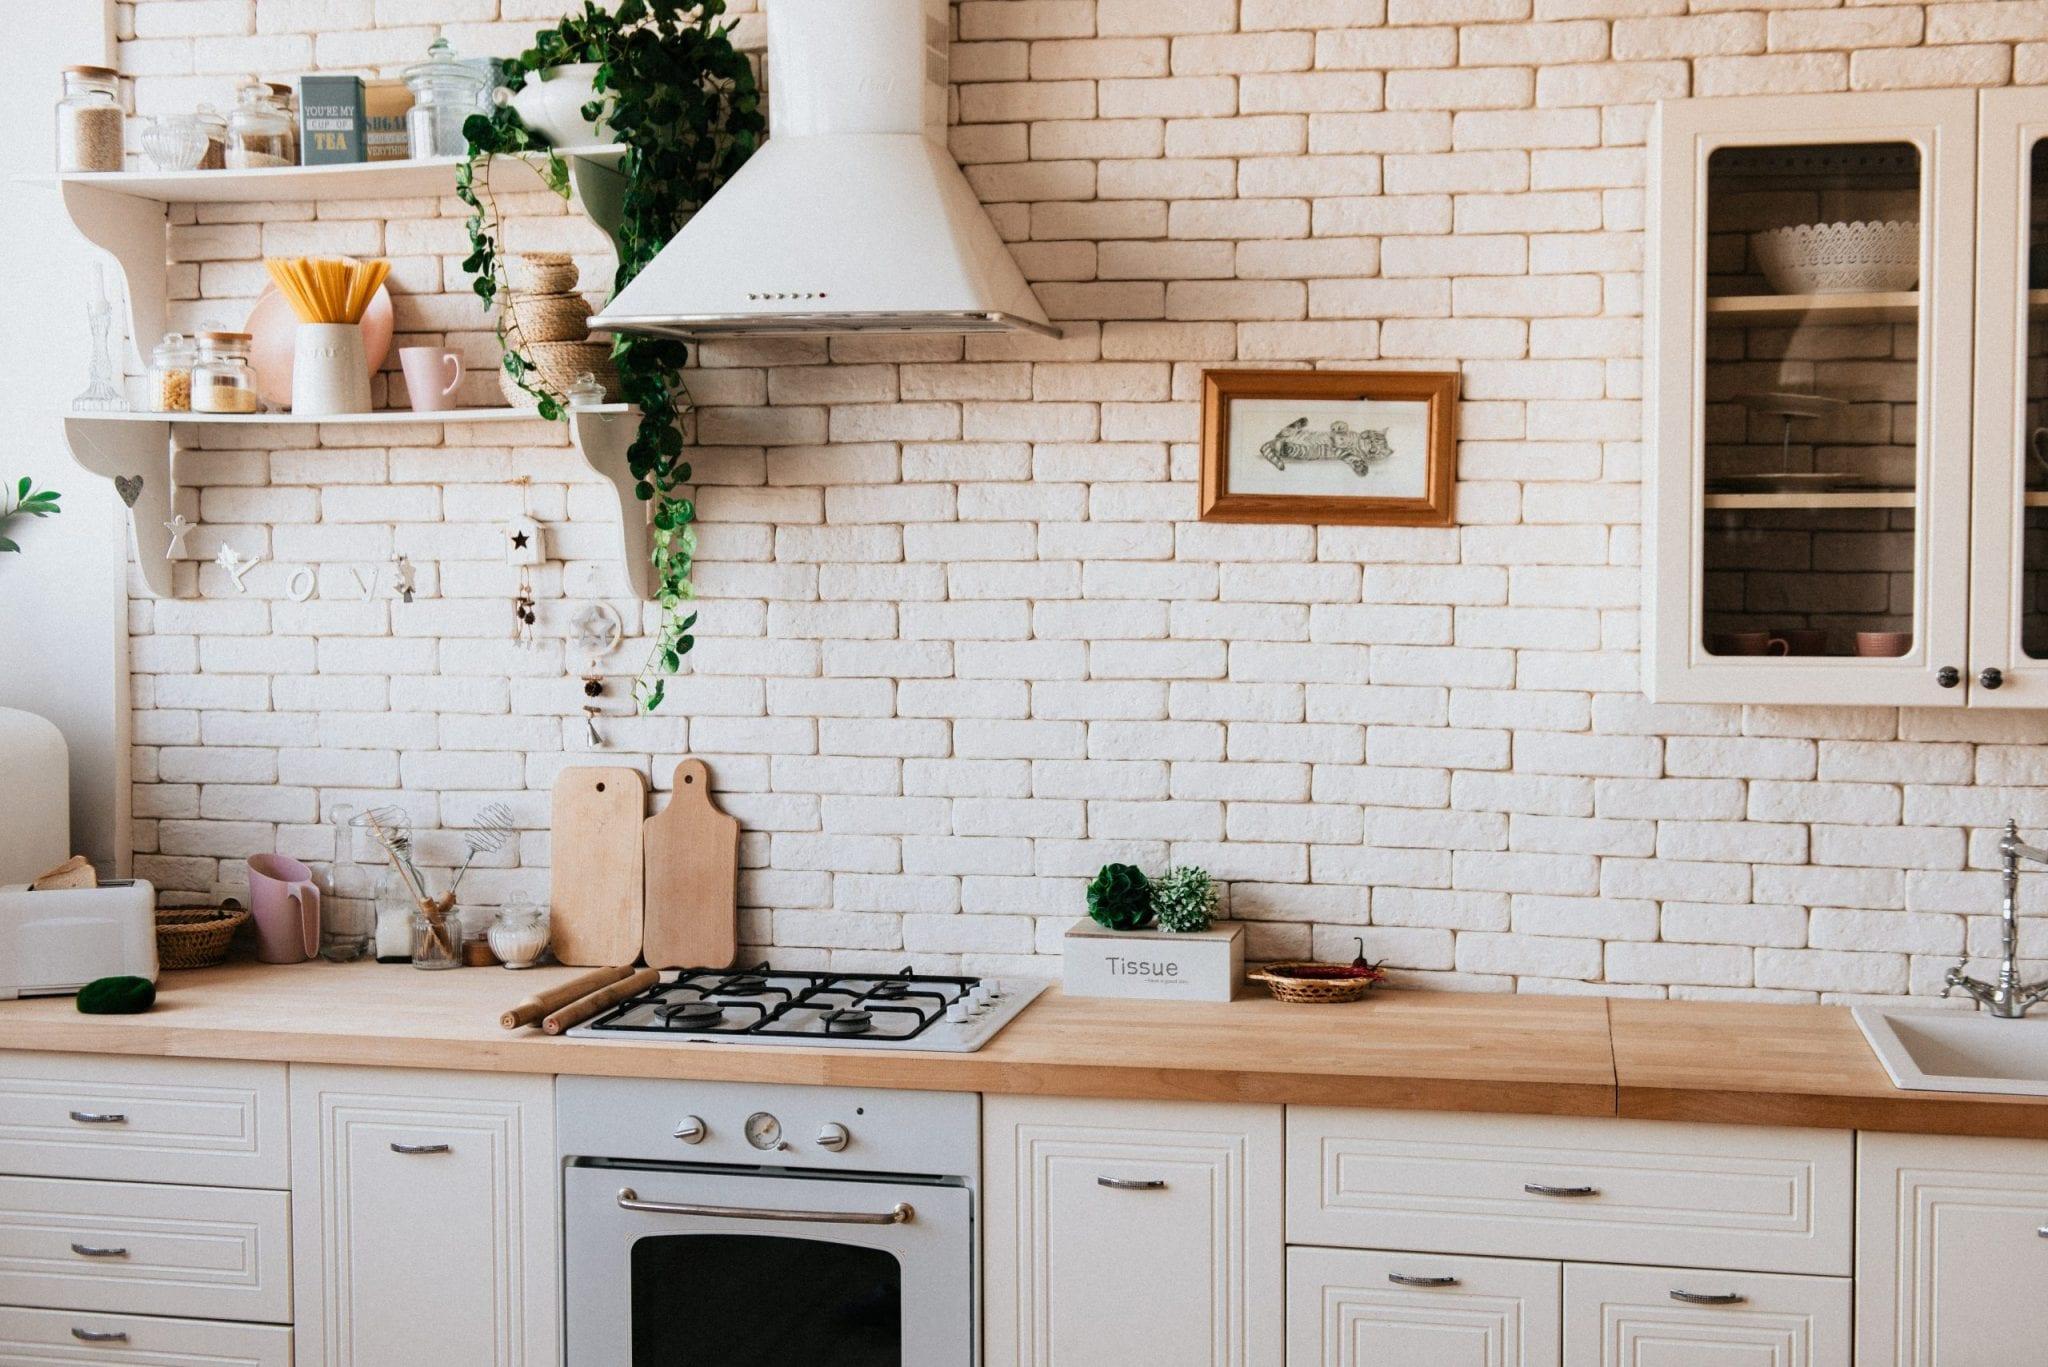 https://lharmonia.com.br/2019/11/29/como-se-organizar-para-cozinhar/